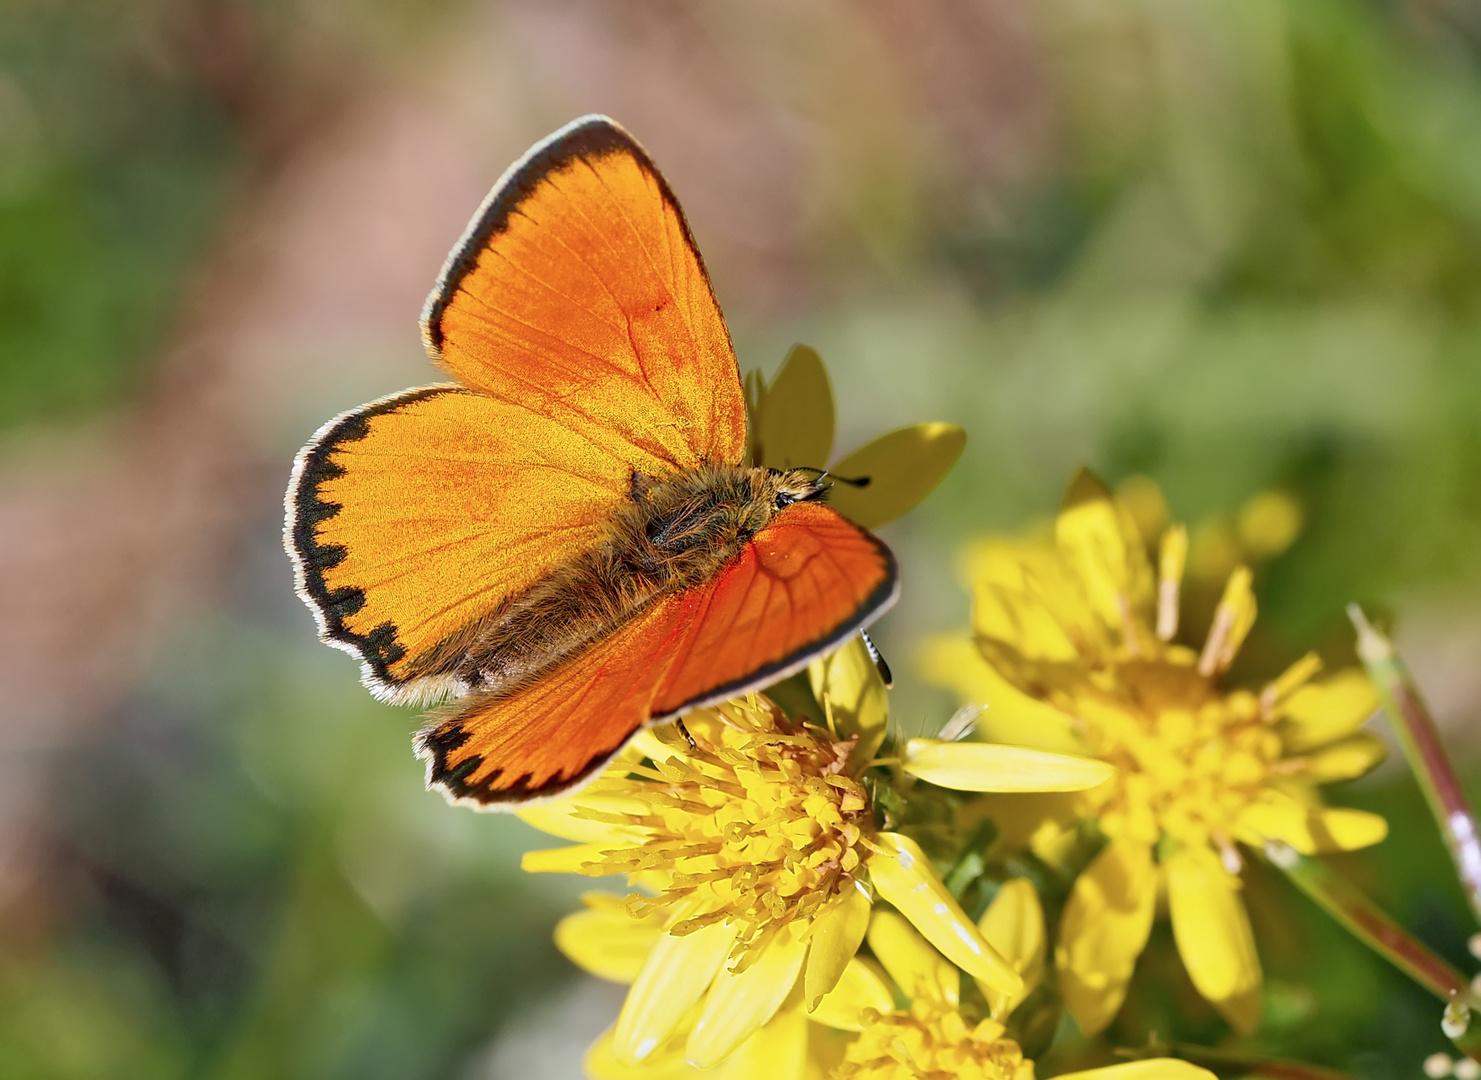 Dukaten-Feuerfalter, Männchen (Lycaena virgaurea) - Cuivré de la verge d'or, un mâle.